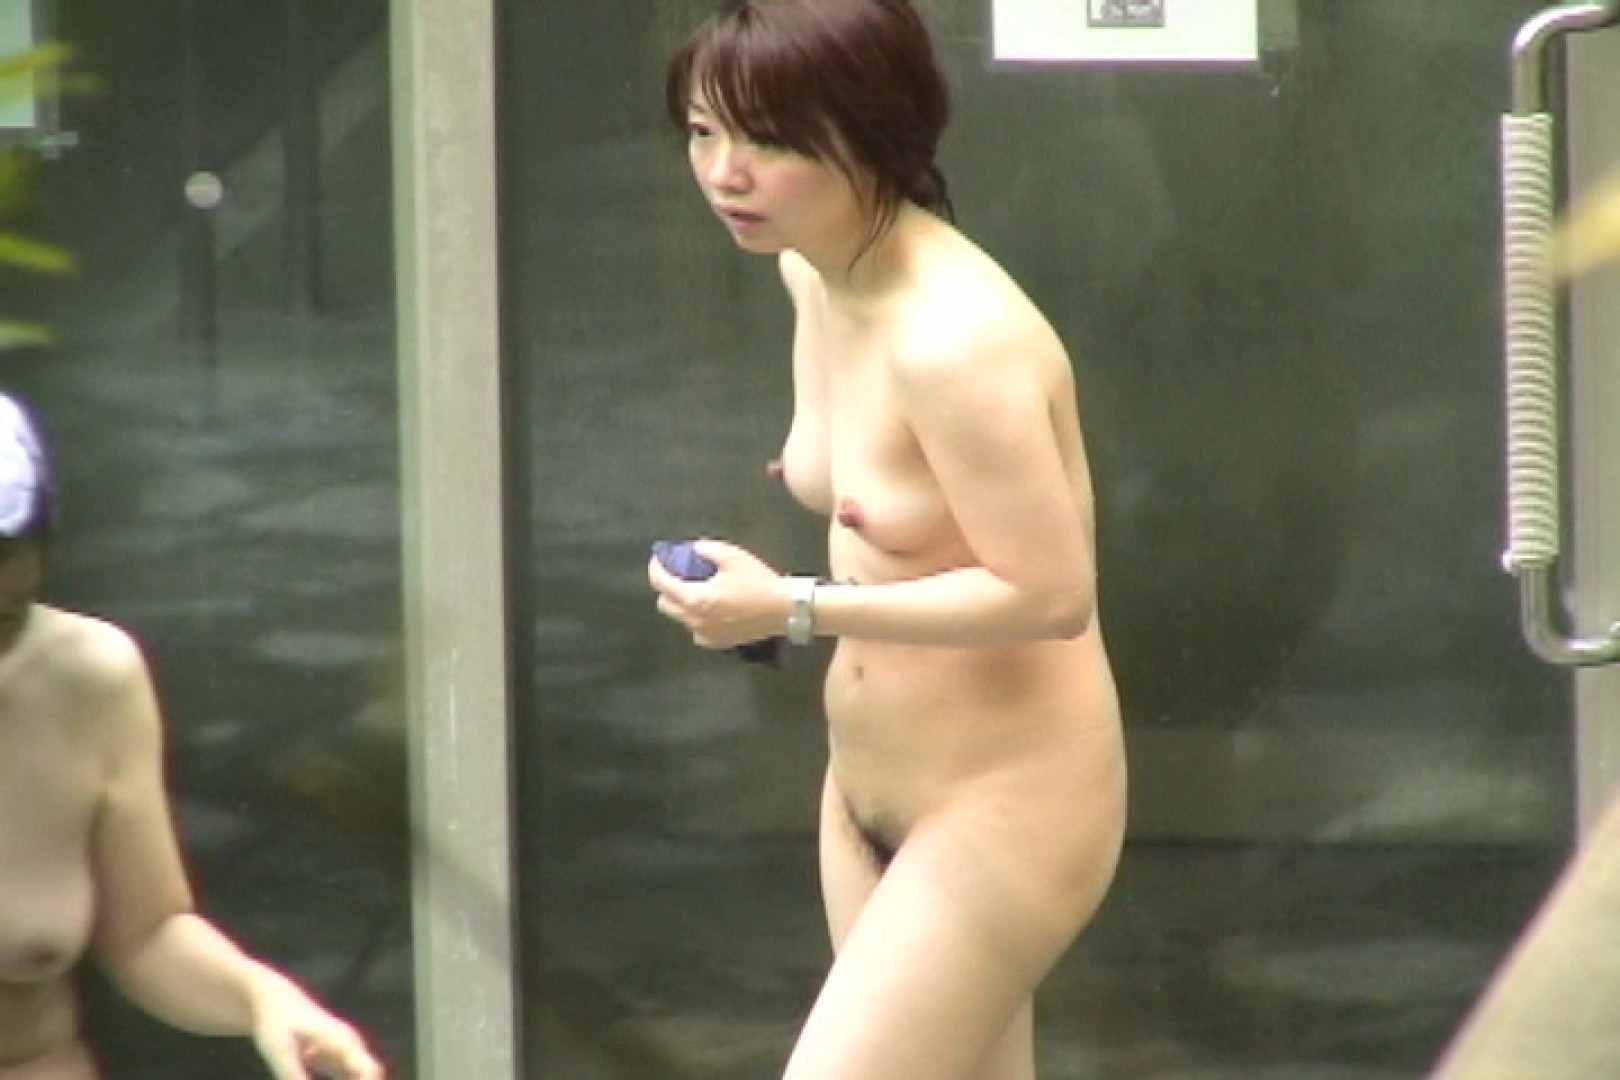 Aquaな露天風呂Vol.700 露天   盗撮特集  58画像 4